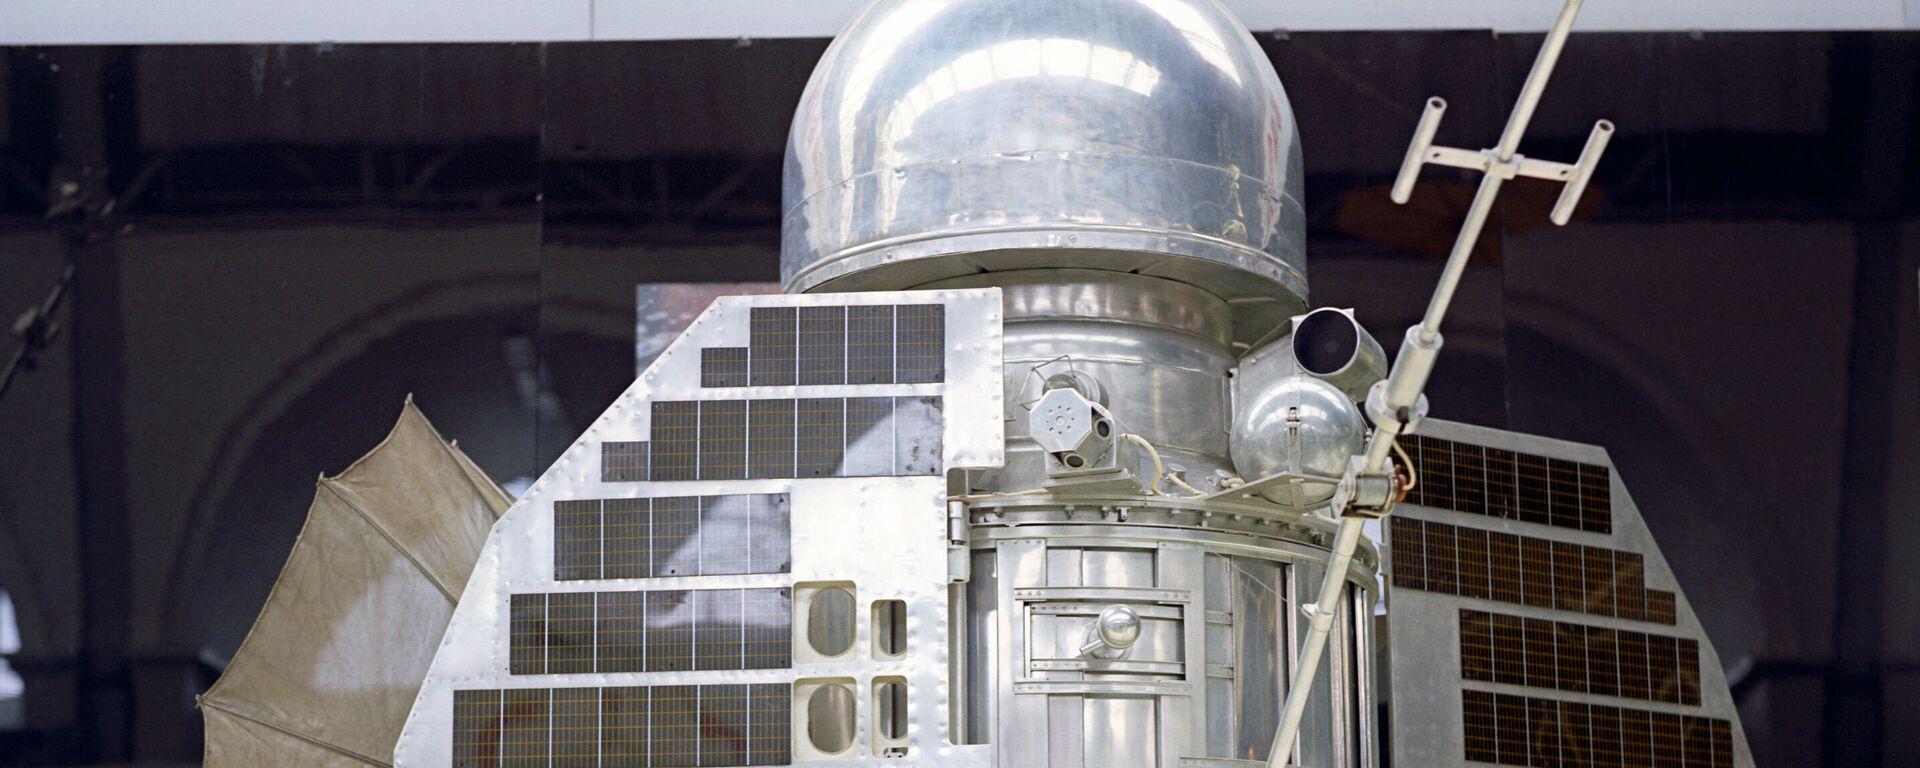 La estación automática interplanetaria soviética Venera -1 - Sputnik Mundo, 1920, 12.02.2021